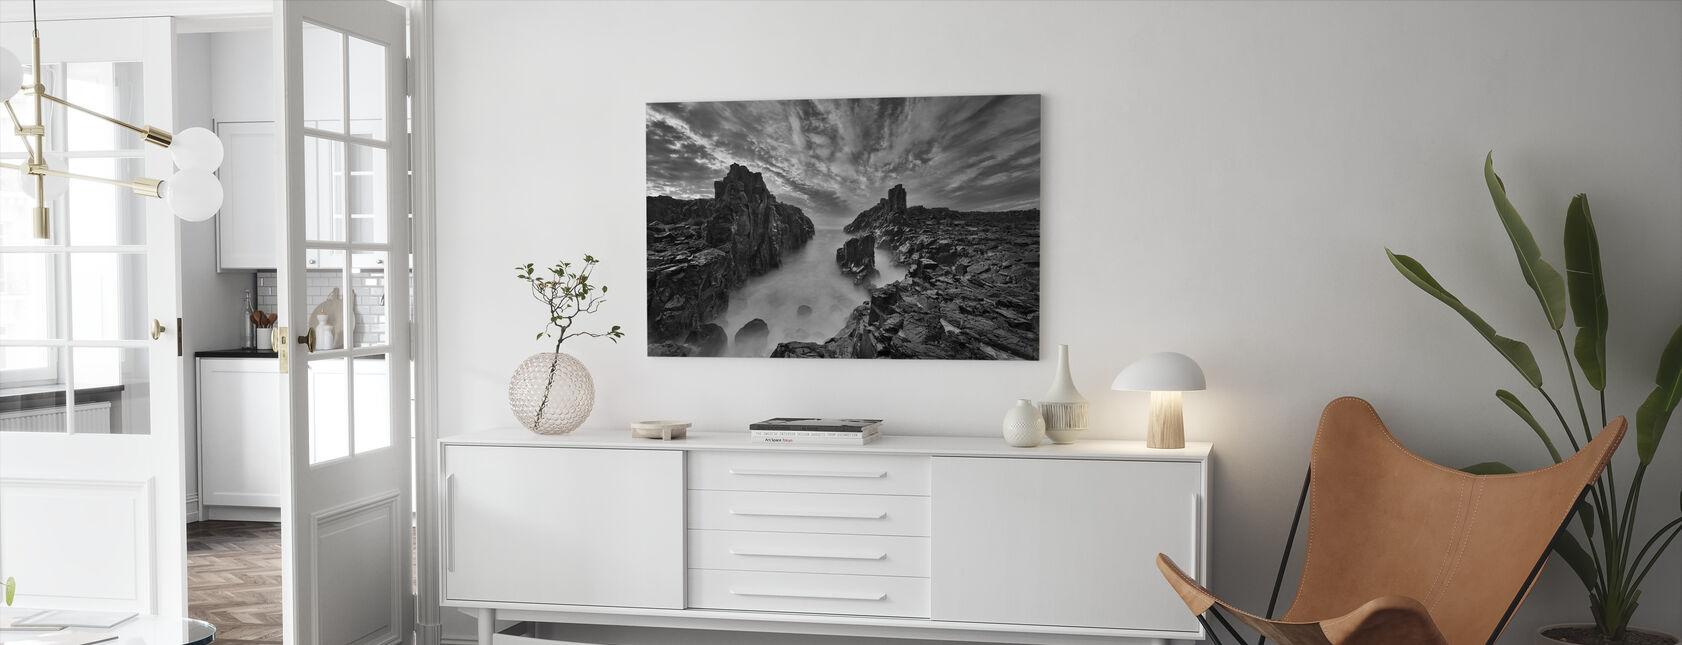 Portti taivaaseen - Canvastaulu - Olohuone